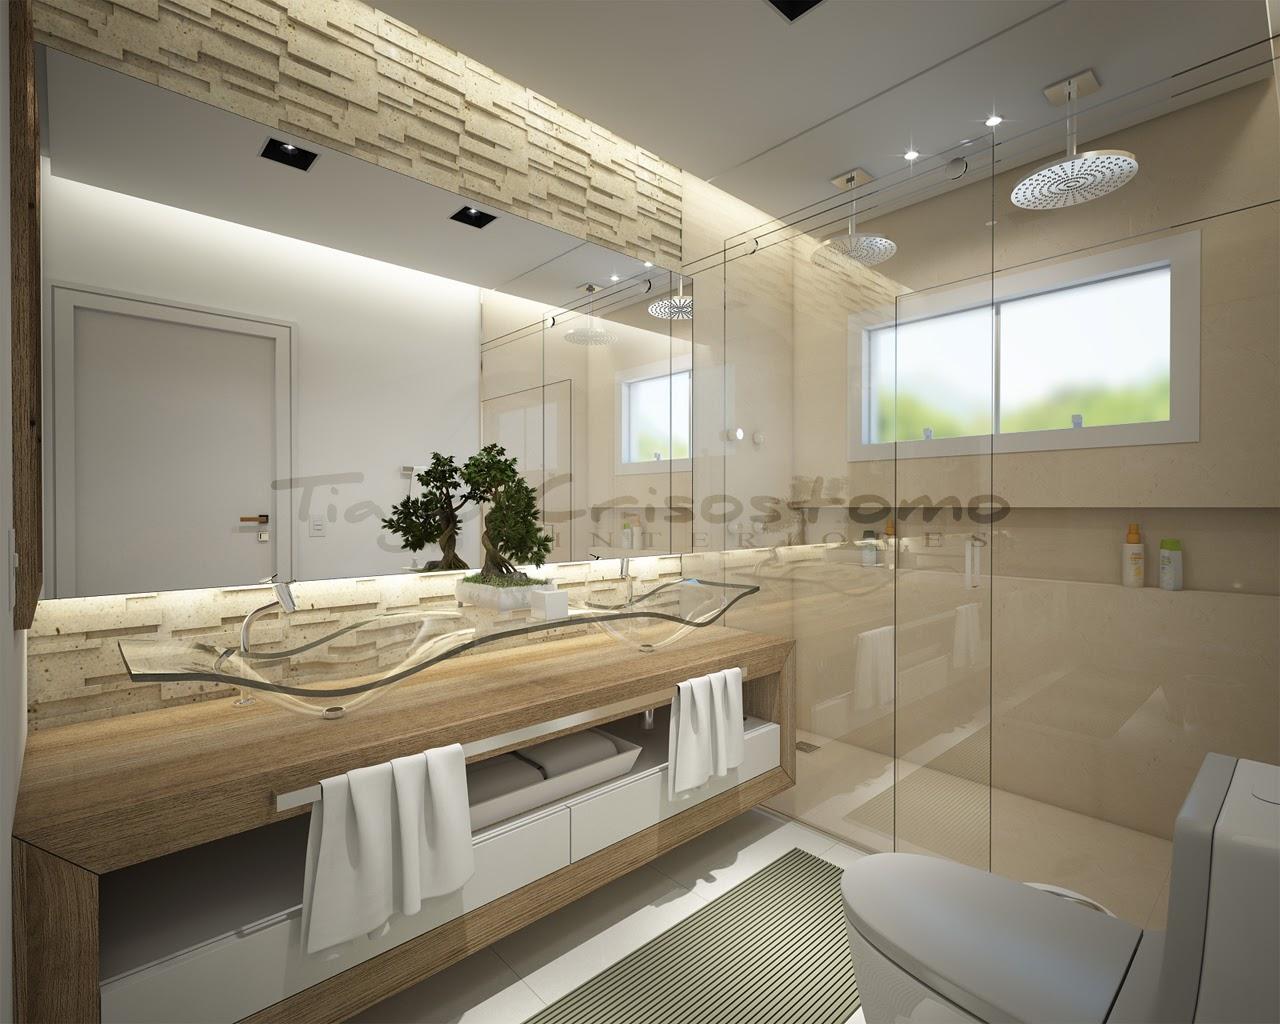 bancada amadeirada cubas de vidro lindas e dois chuveiros!! Um luxo #515935 1280x1024 Acessorios Para Banheiro De Luxo